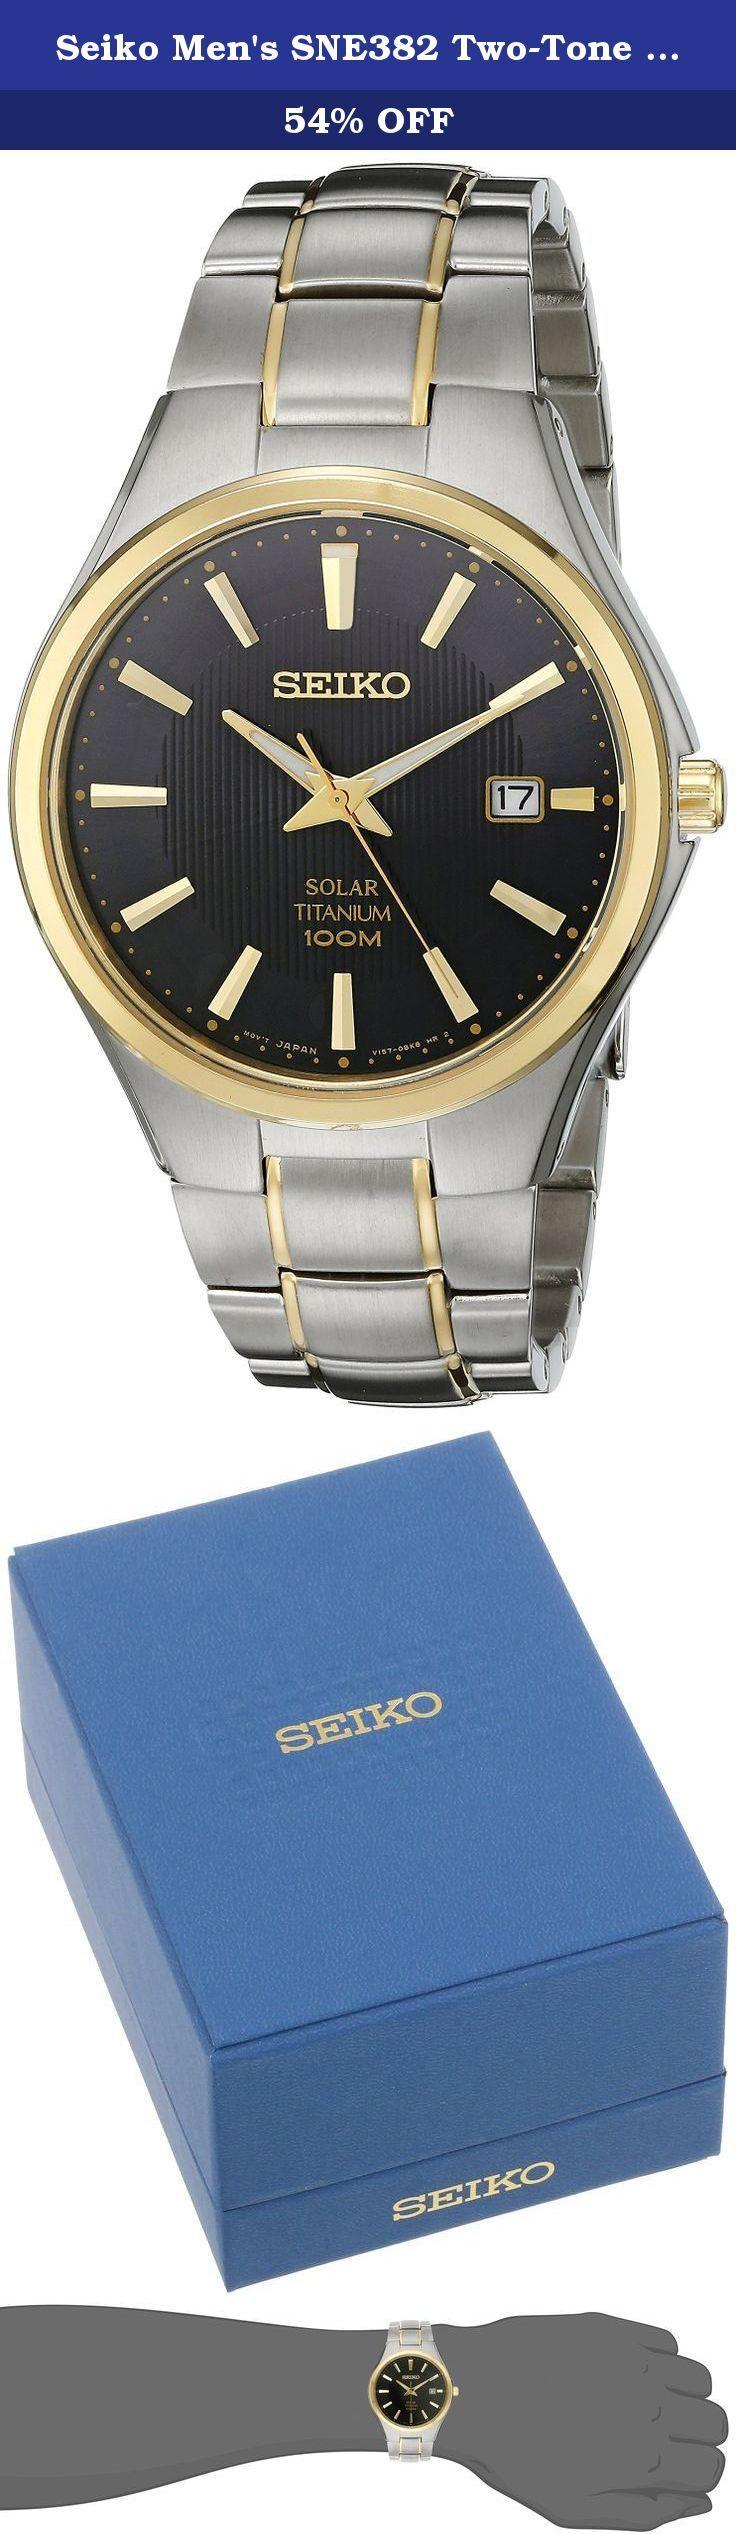 Seiko Men's SNE382 Two-Tone Titanium Watch. SEIKO CORE.